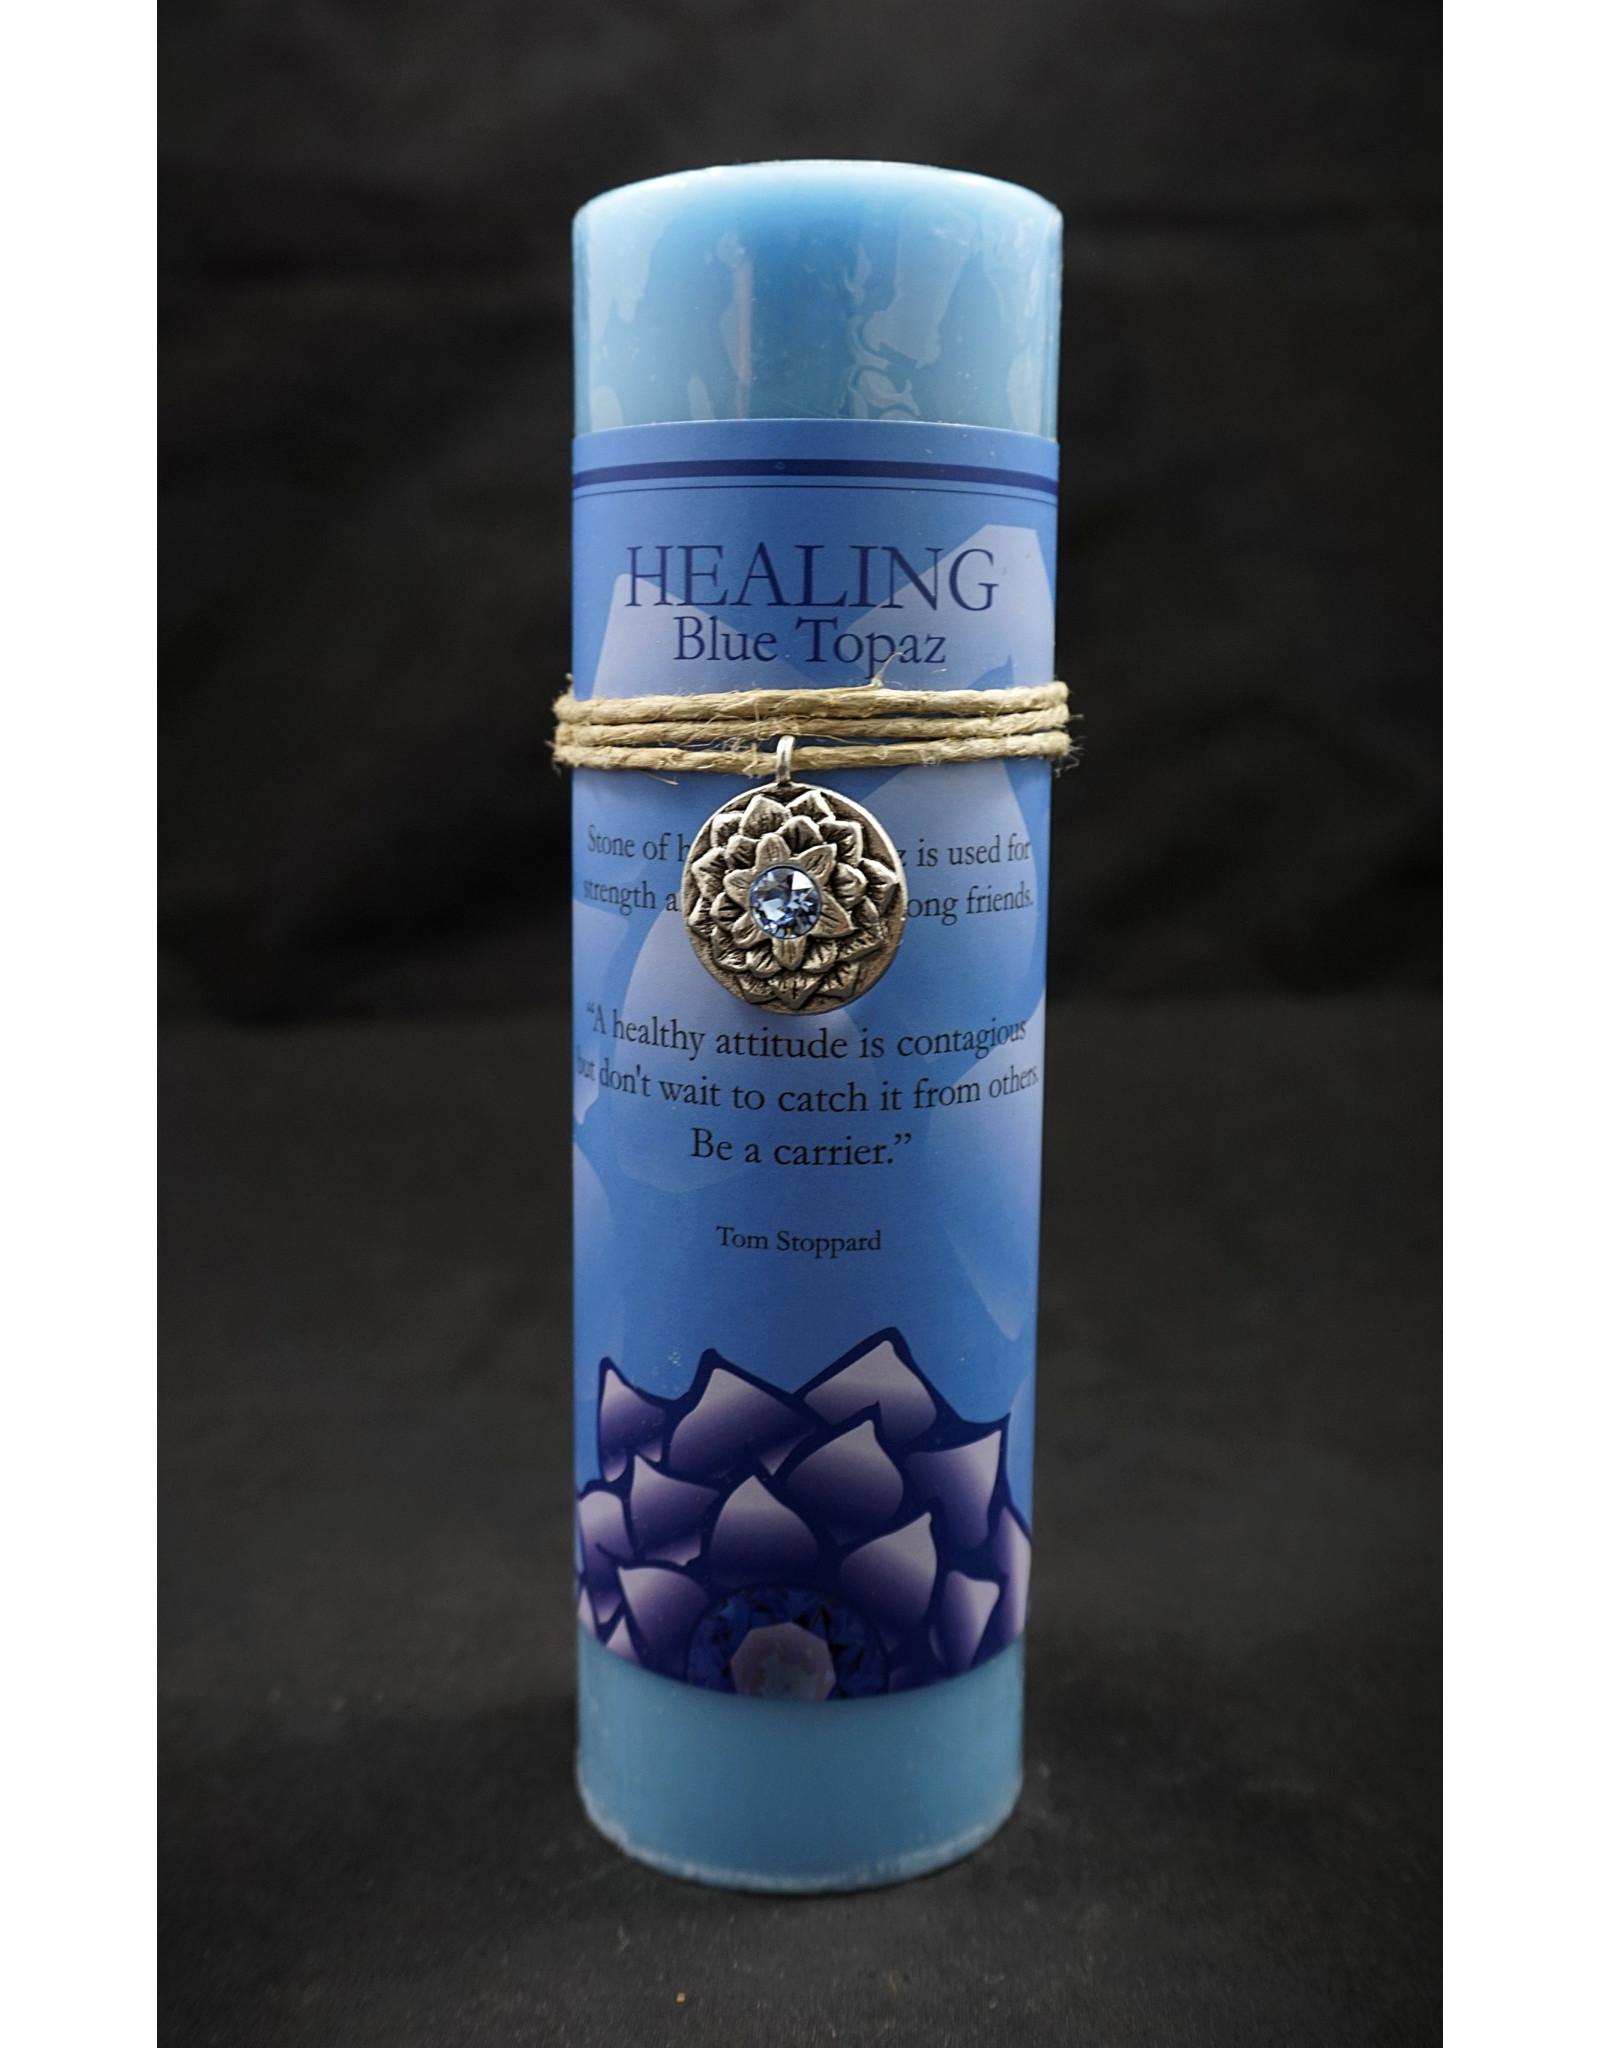 Inspir Lotus Candle Pewter Pendant - Blue Topaz Healing